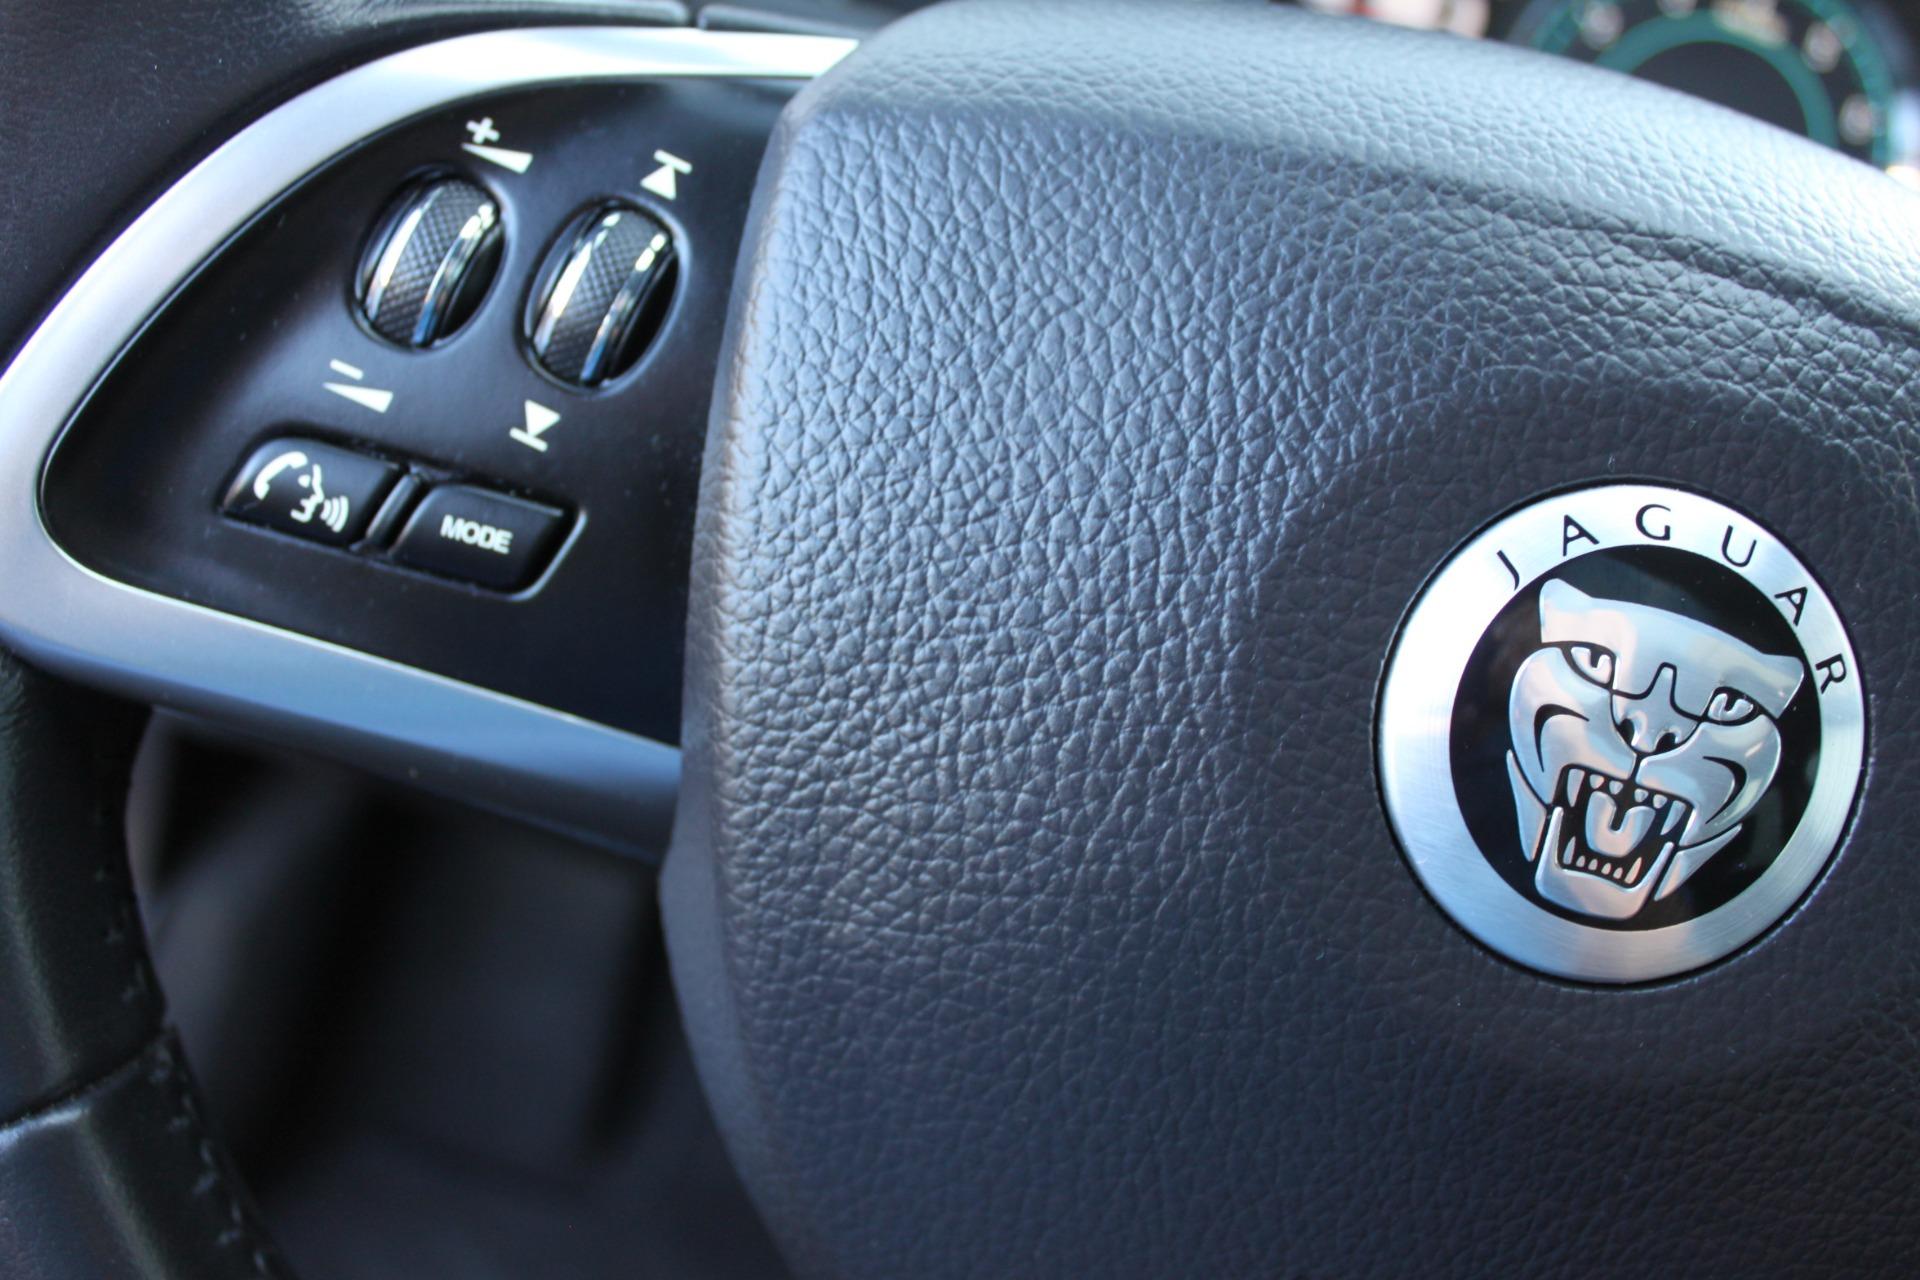 Used-2013-Jaguar-XF-I4-RWD-Tesla